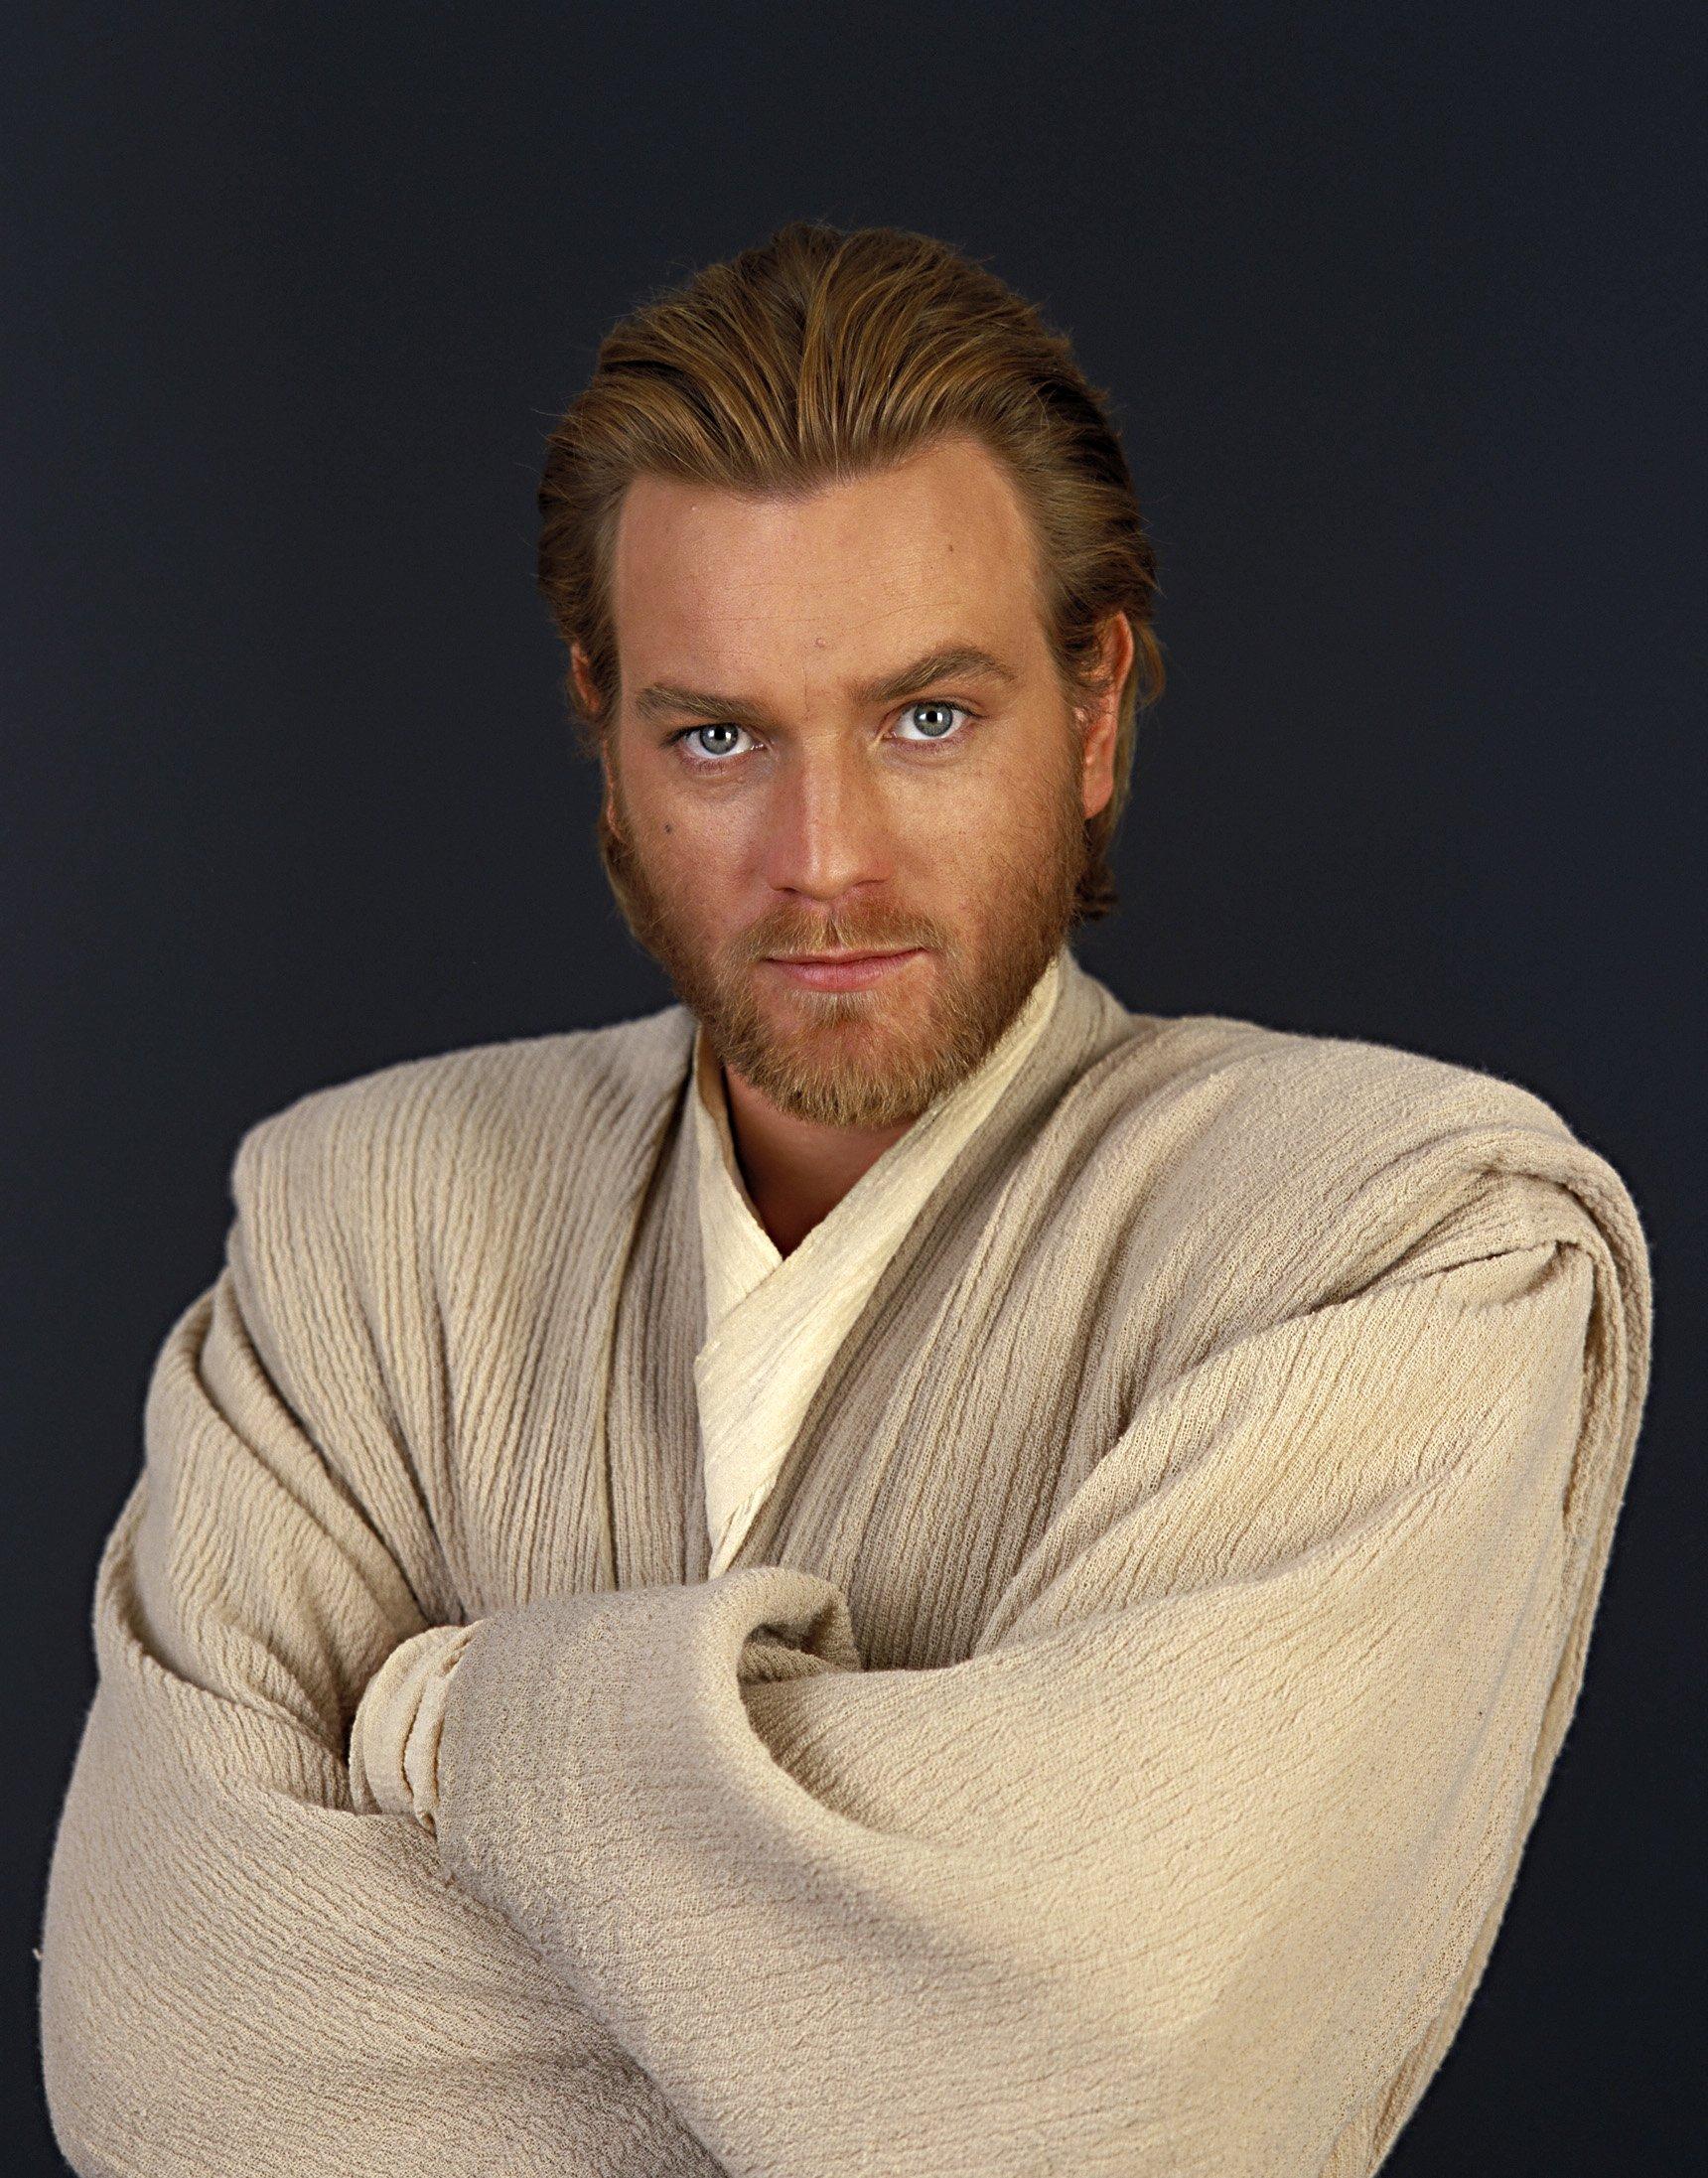 Obi-Wan-Kenobi-obi-wan-kenobi-29218257-1720-2193.jpg